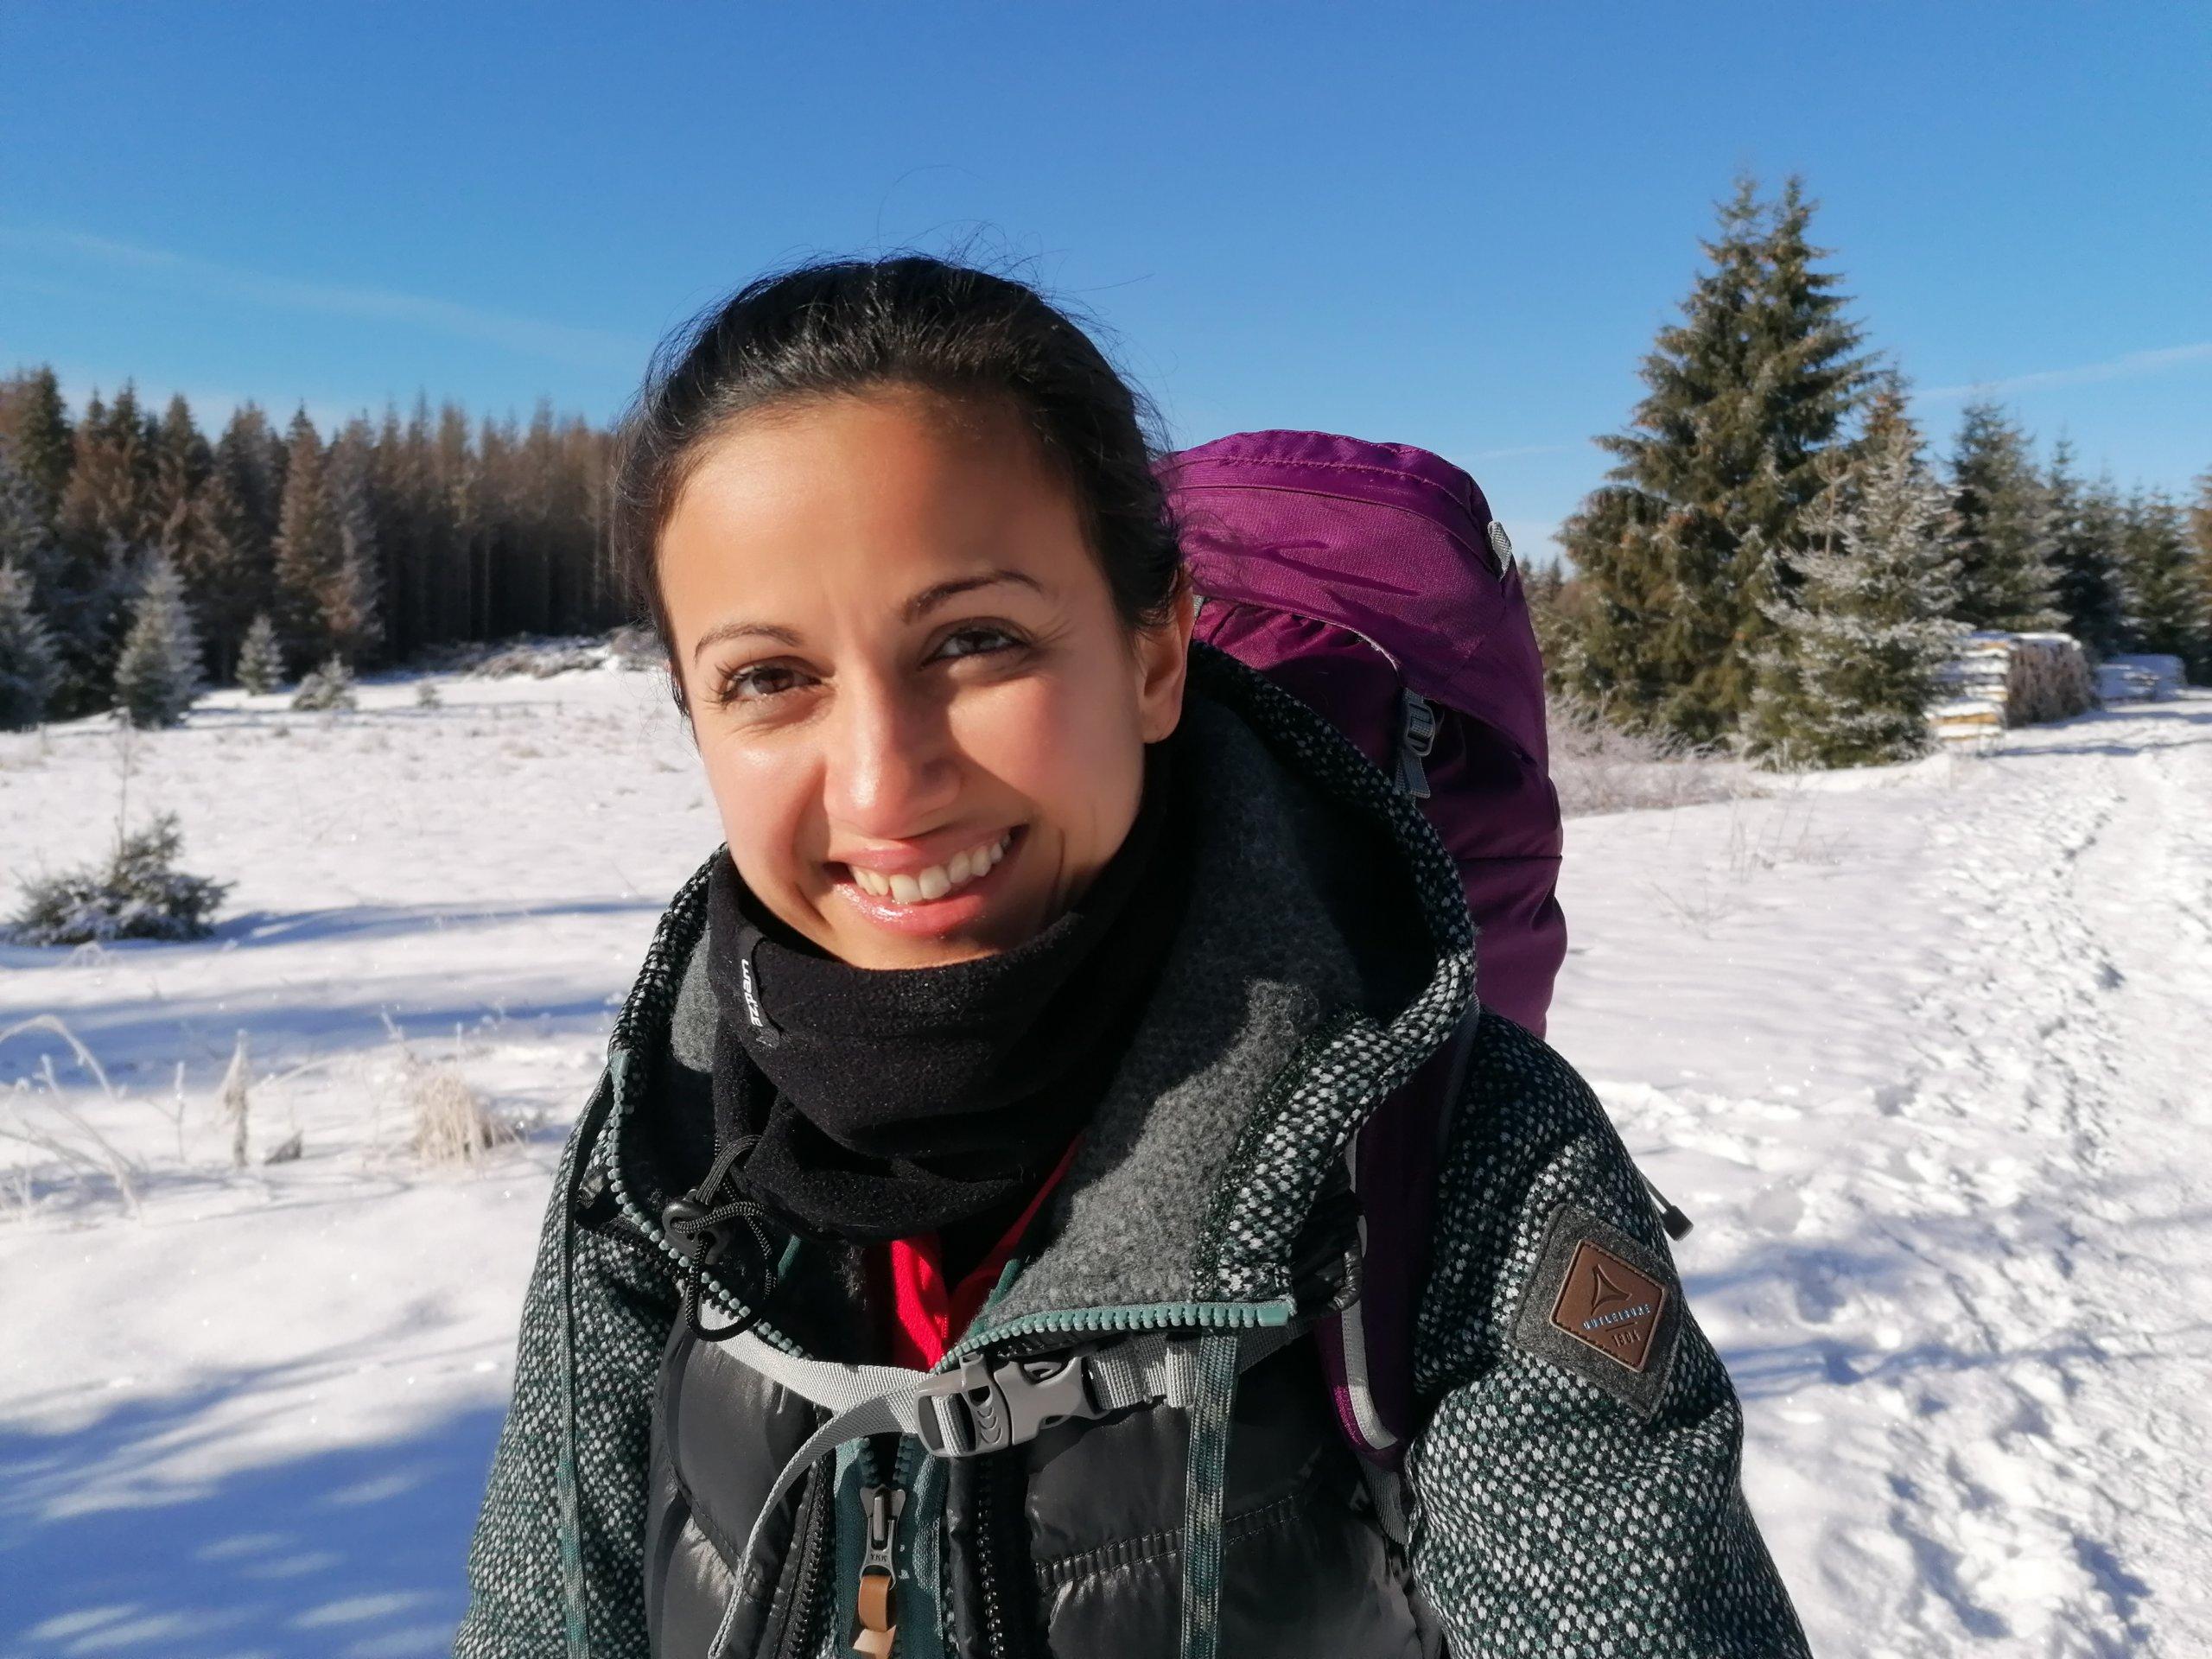 Sheida Nasseri-Jafar Teilnehmerin der Wintertrekkingtour im Harz. Mehr dazu liest du im Blogbeitrag